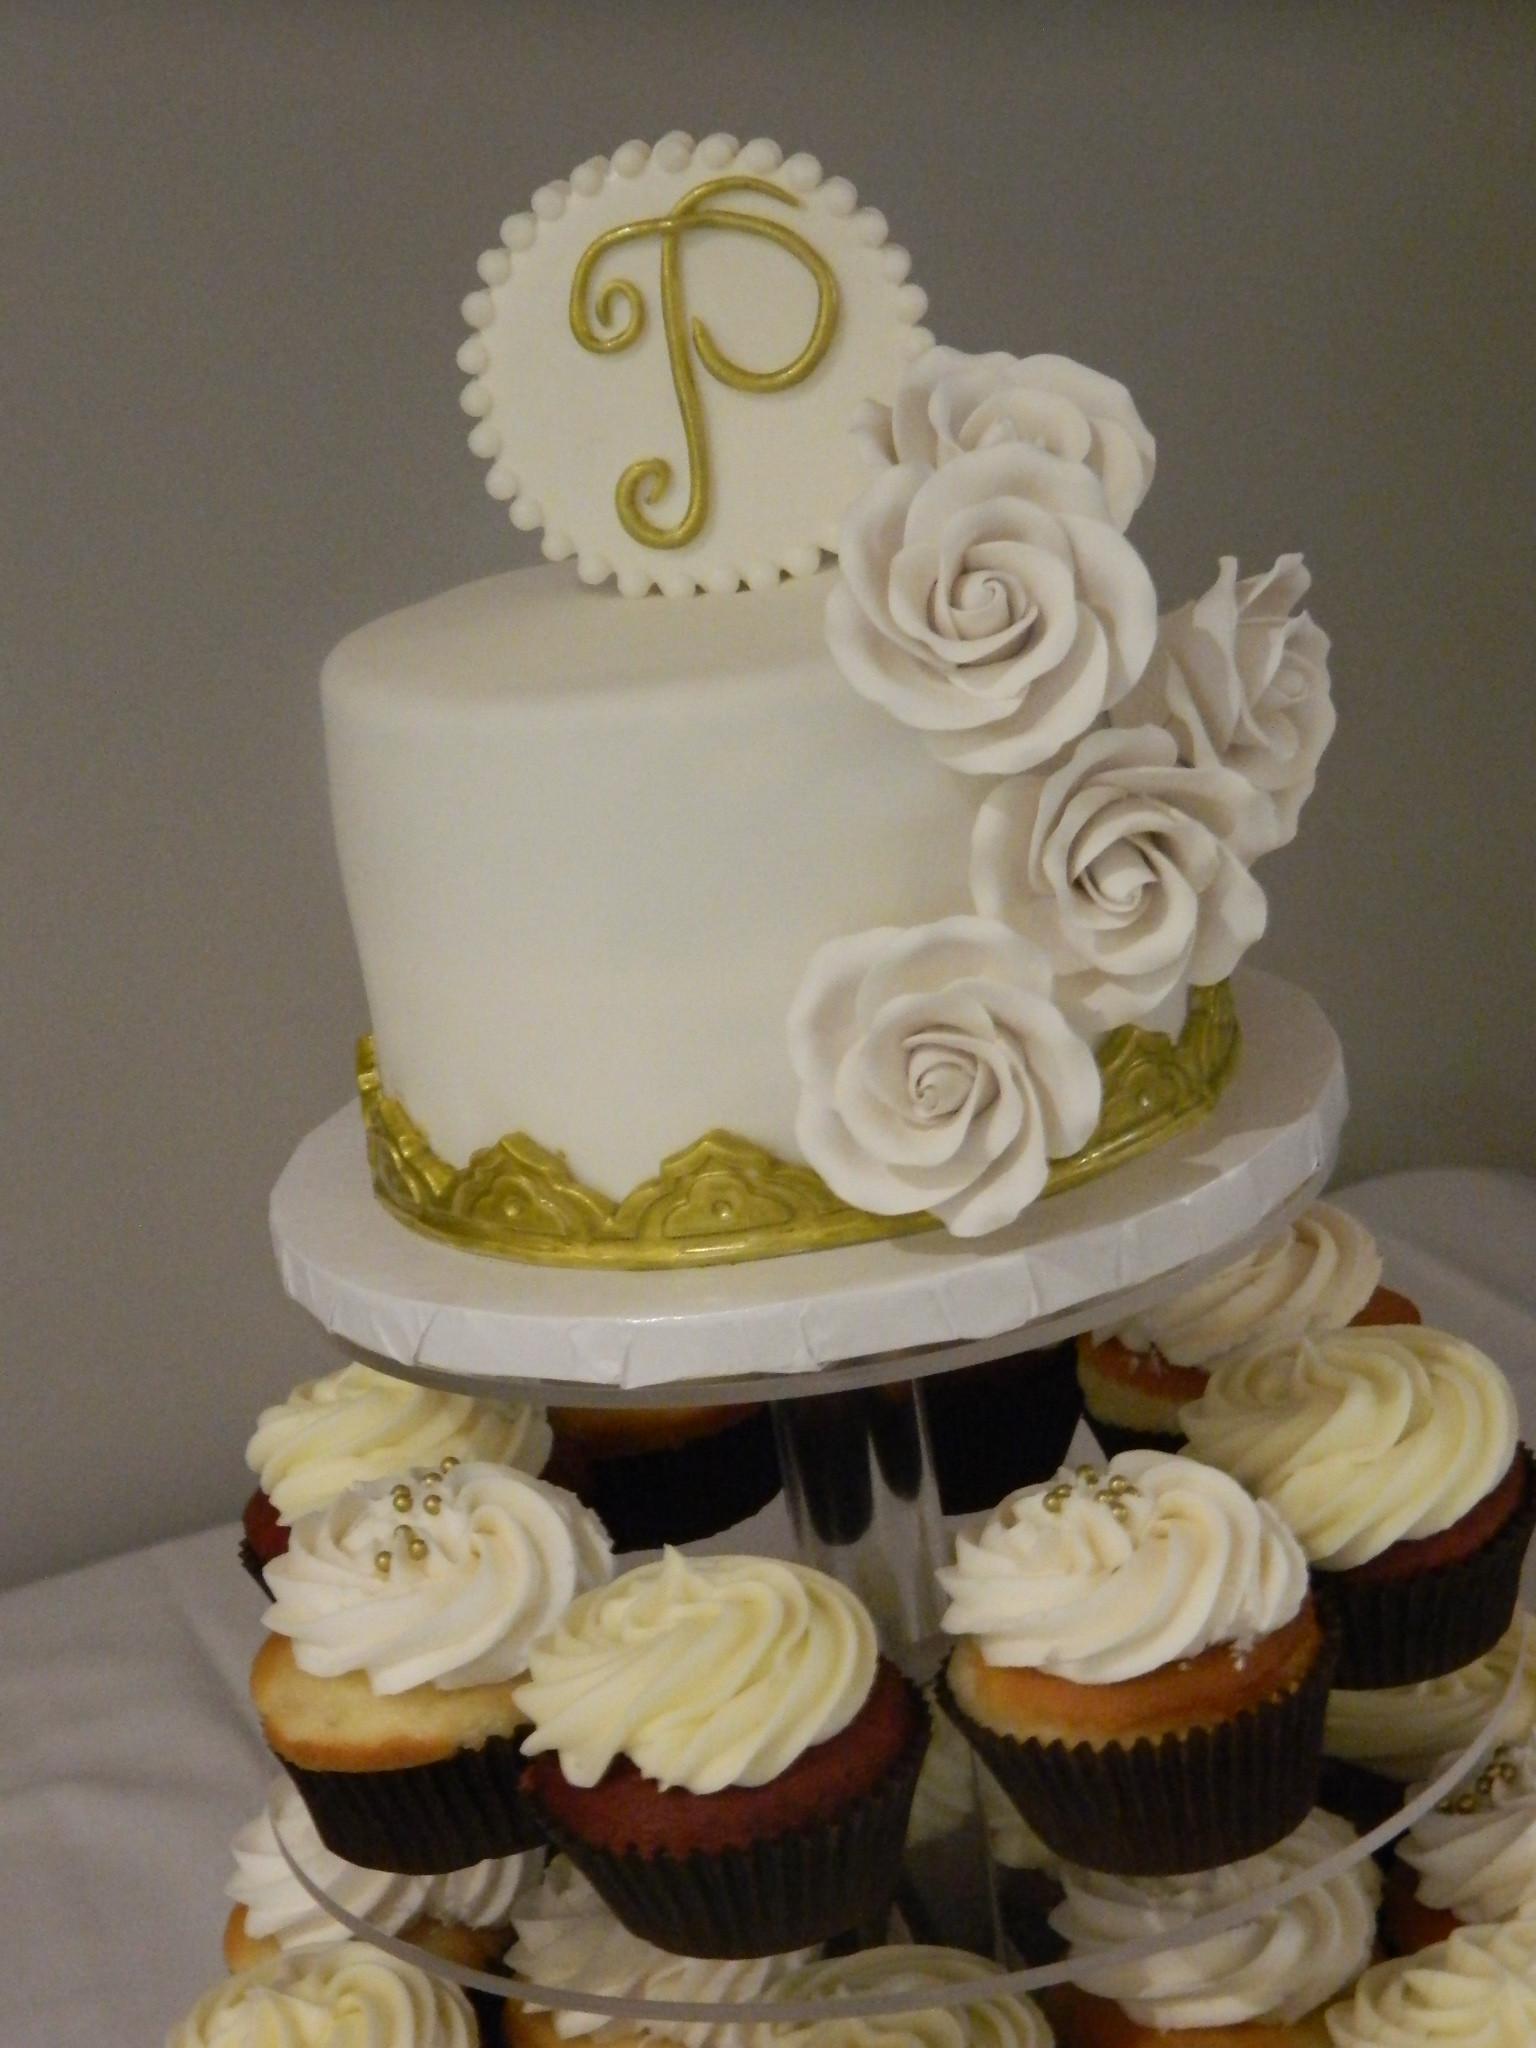 Wedding Cakes Ontario California  Custom Cakes Hey Cupcake London tario